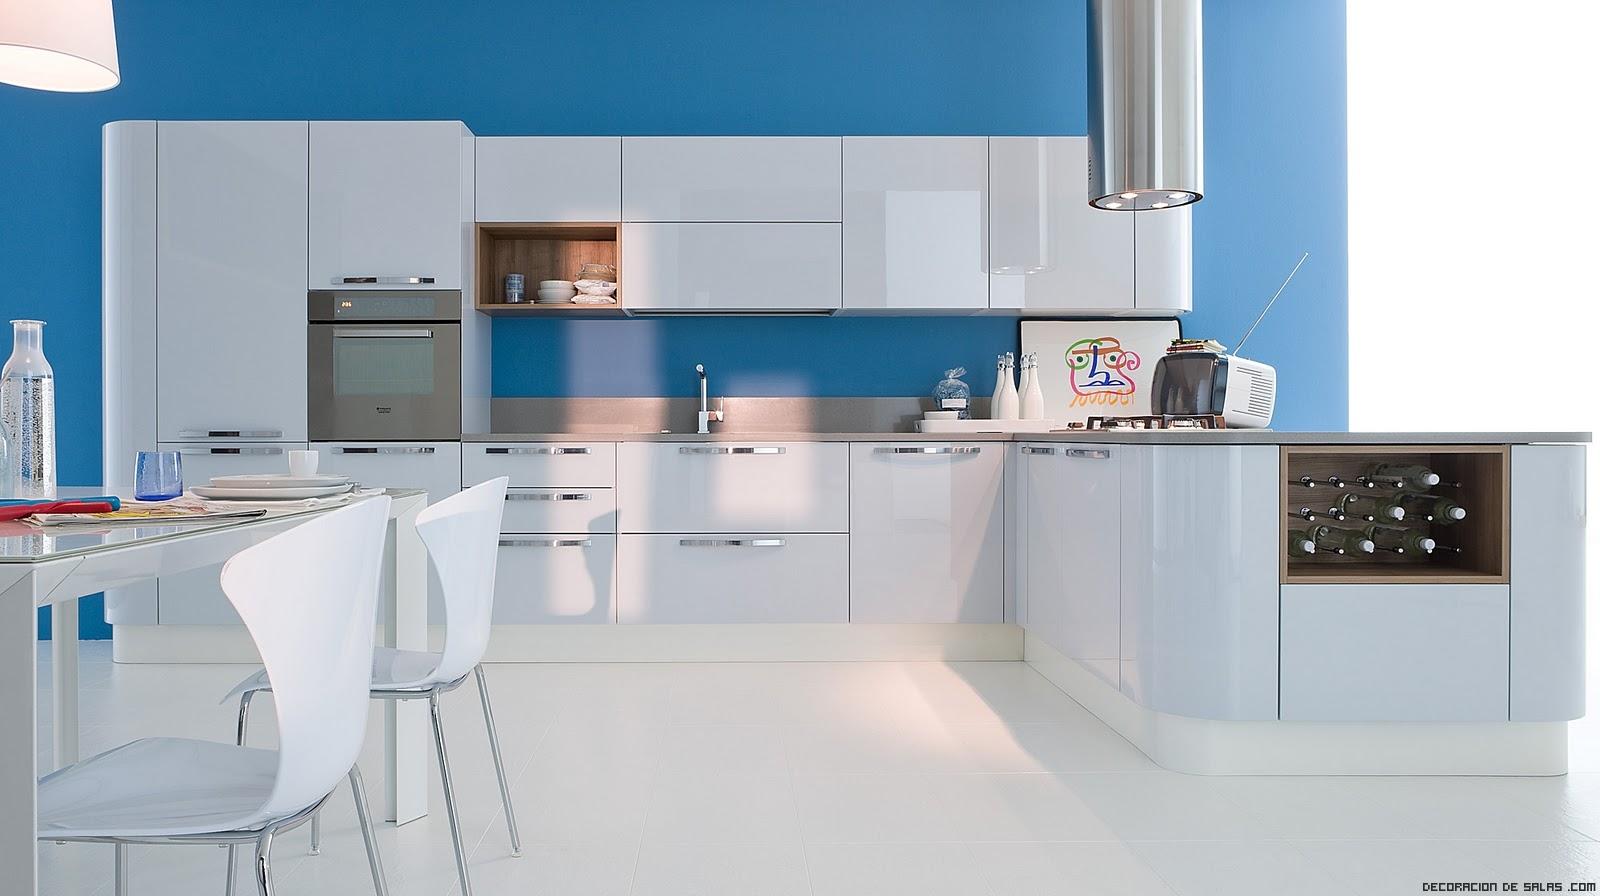 Cocinas en blanco y azul